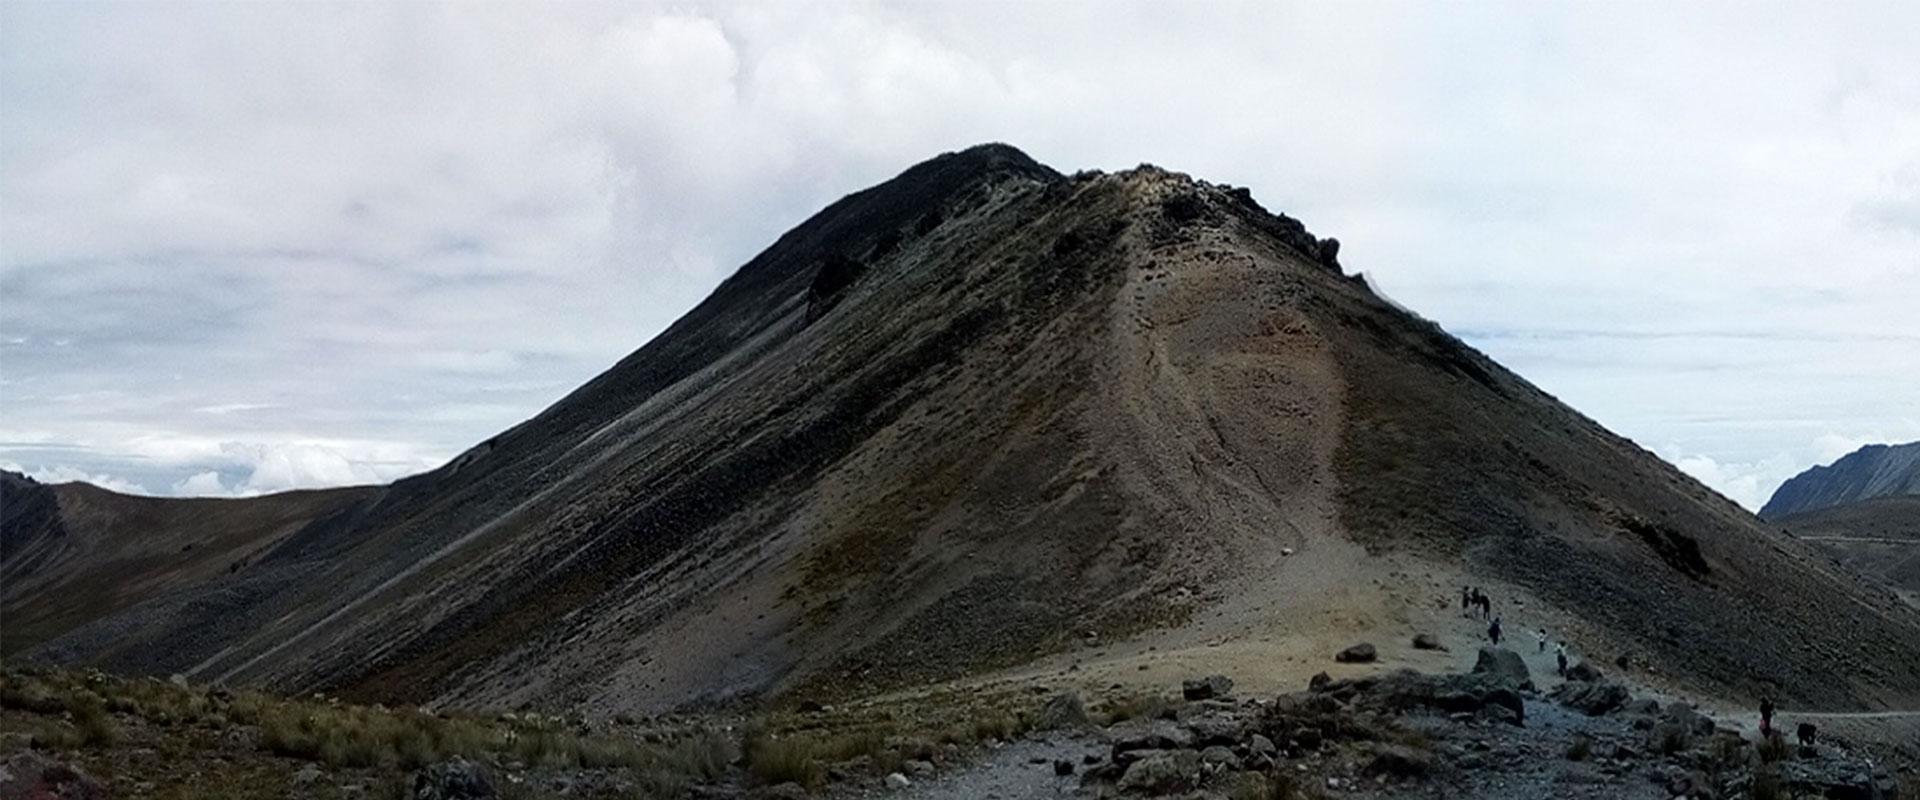 Nevado de Toluca, visto con los lentes de sol Eagle Eyes.